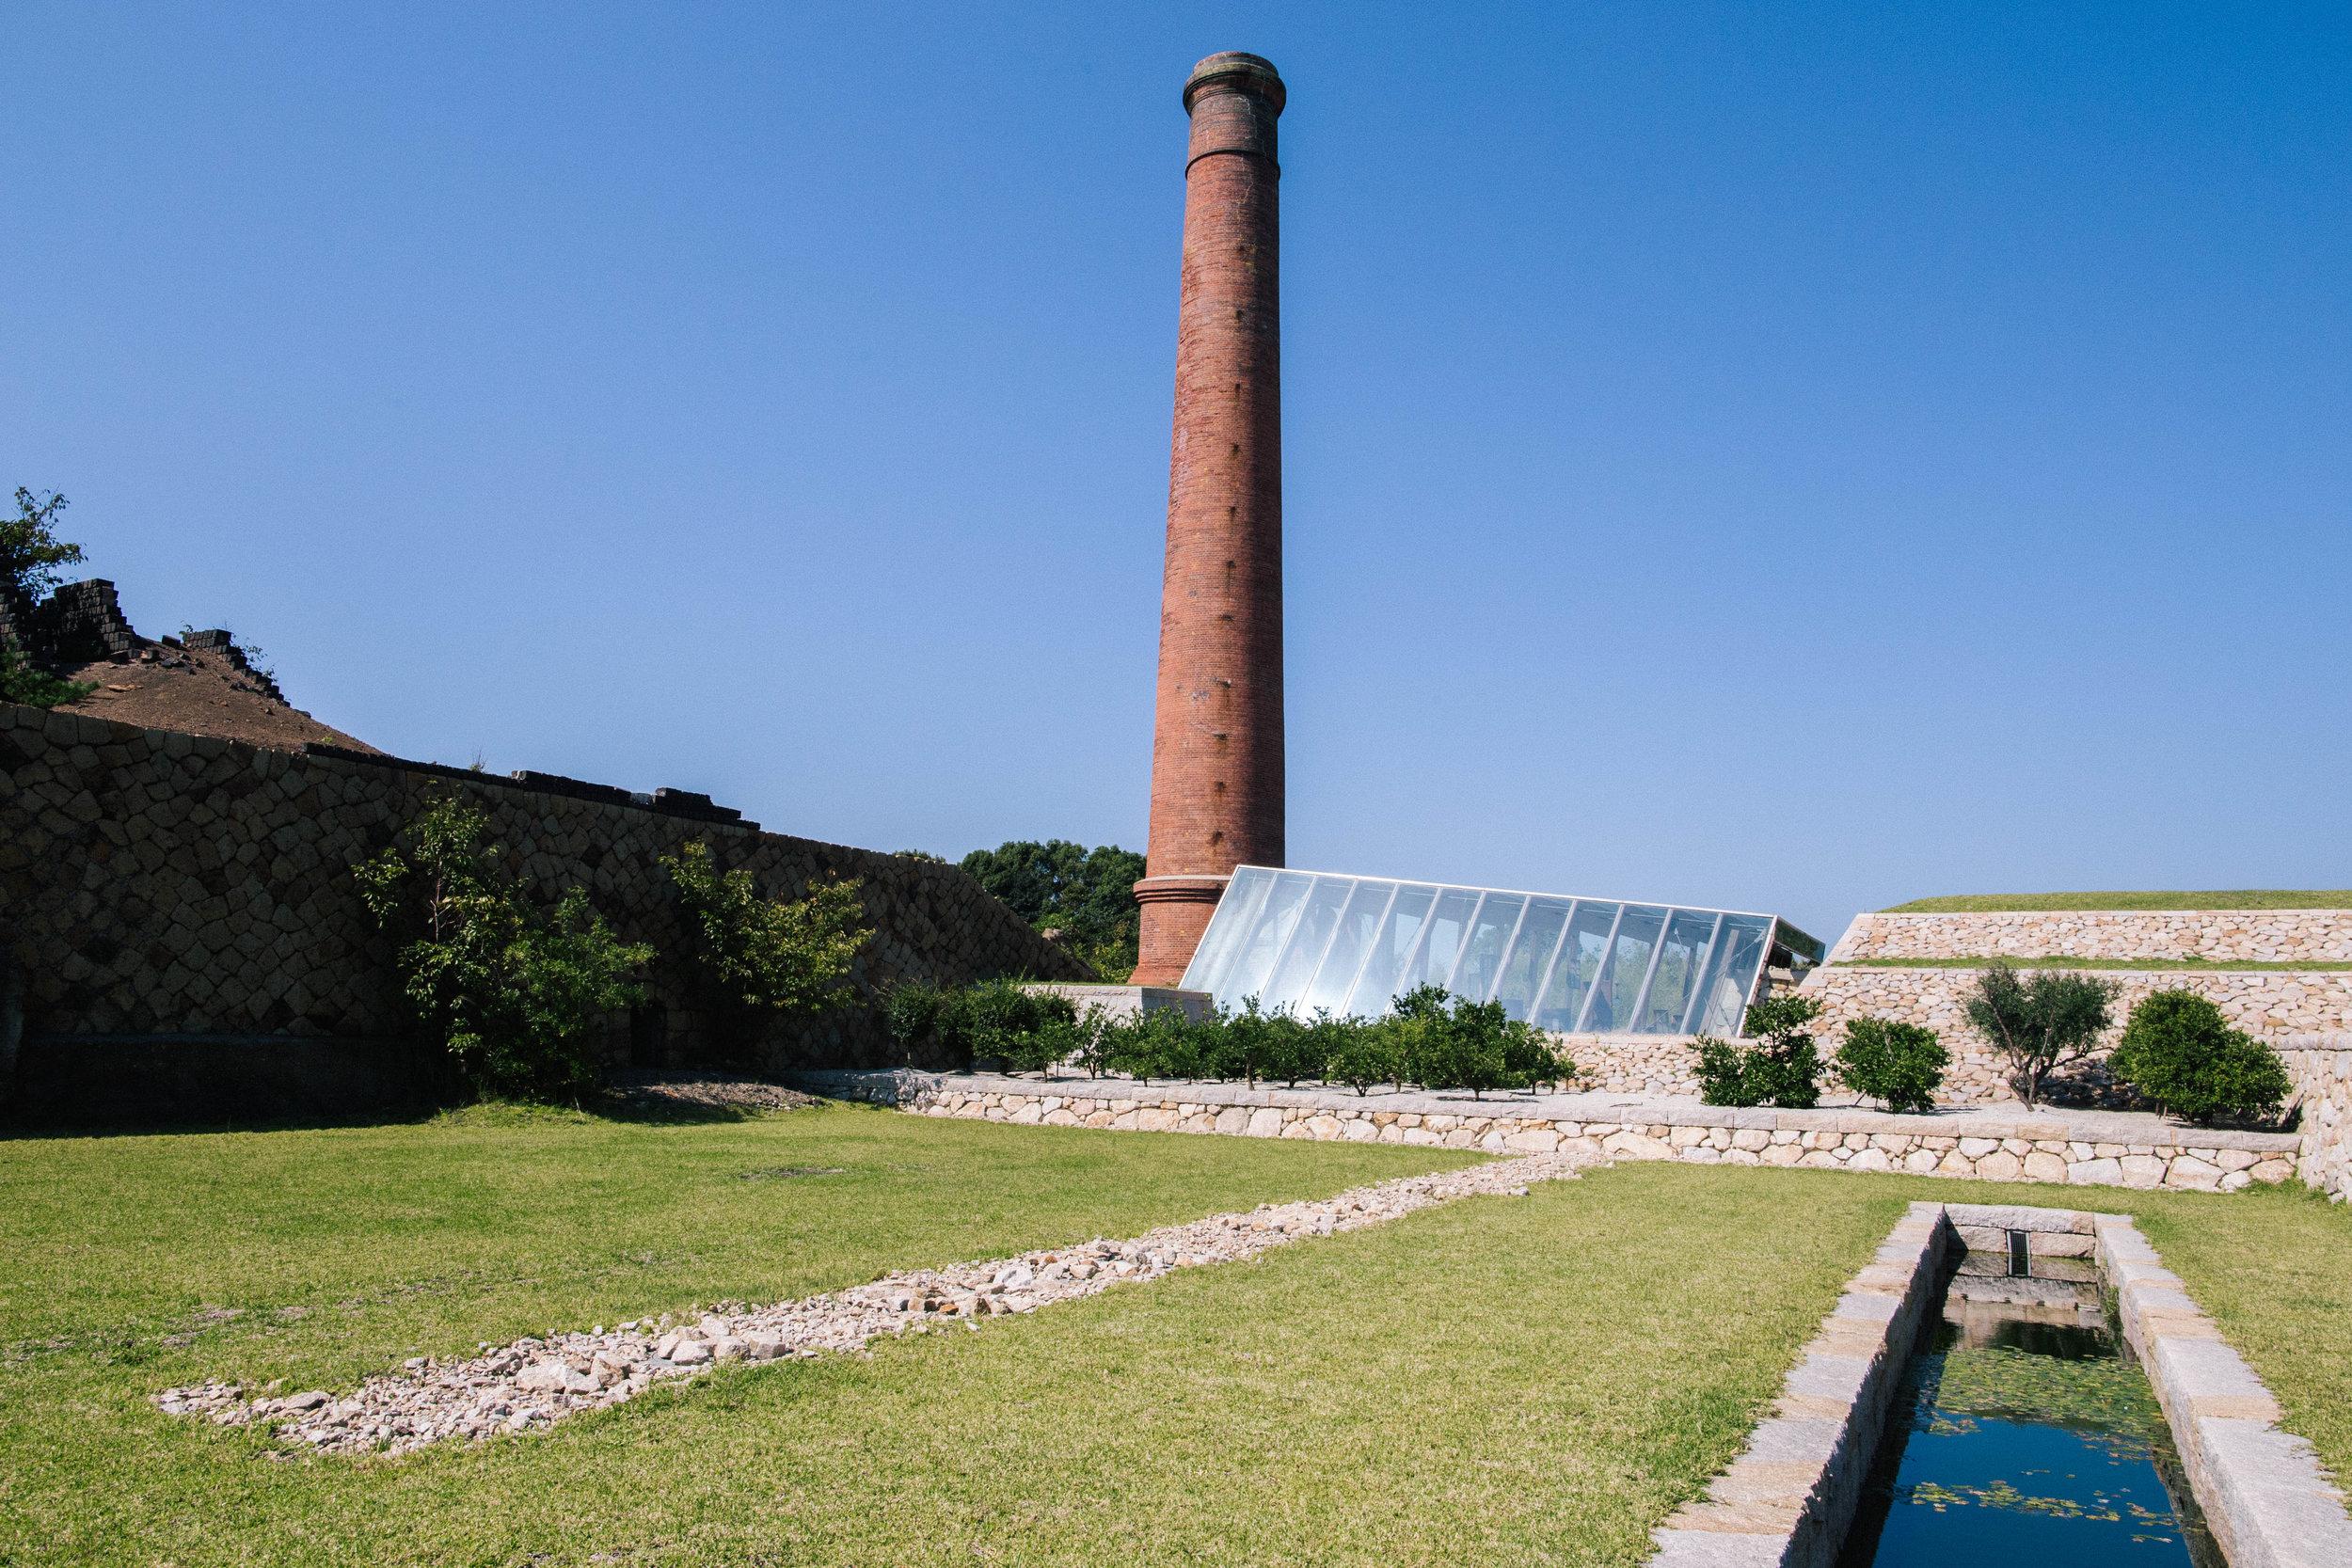 Inujima Seirensho Art Museum